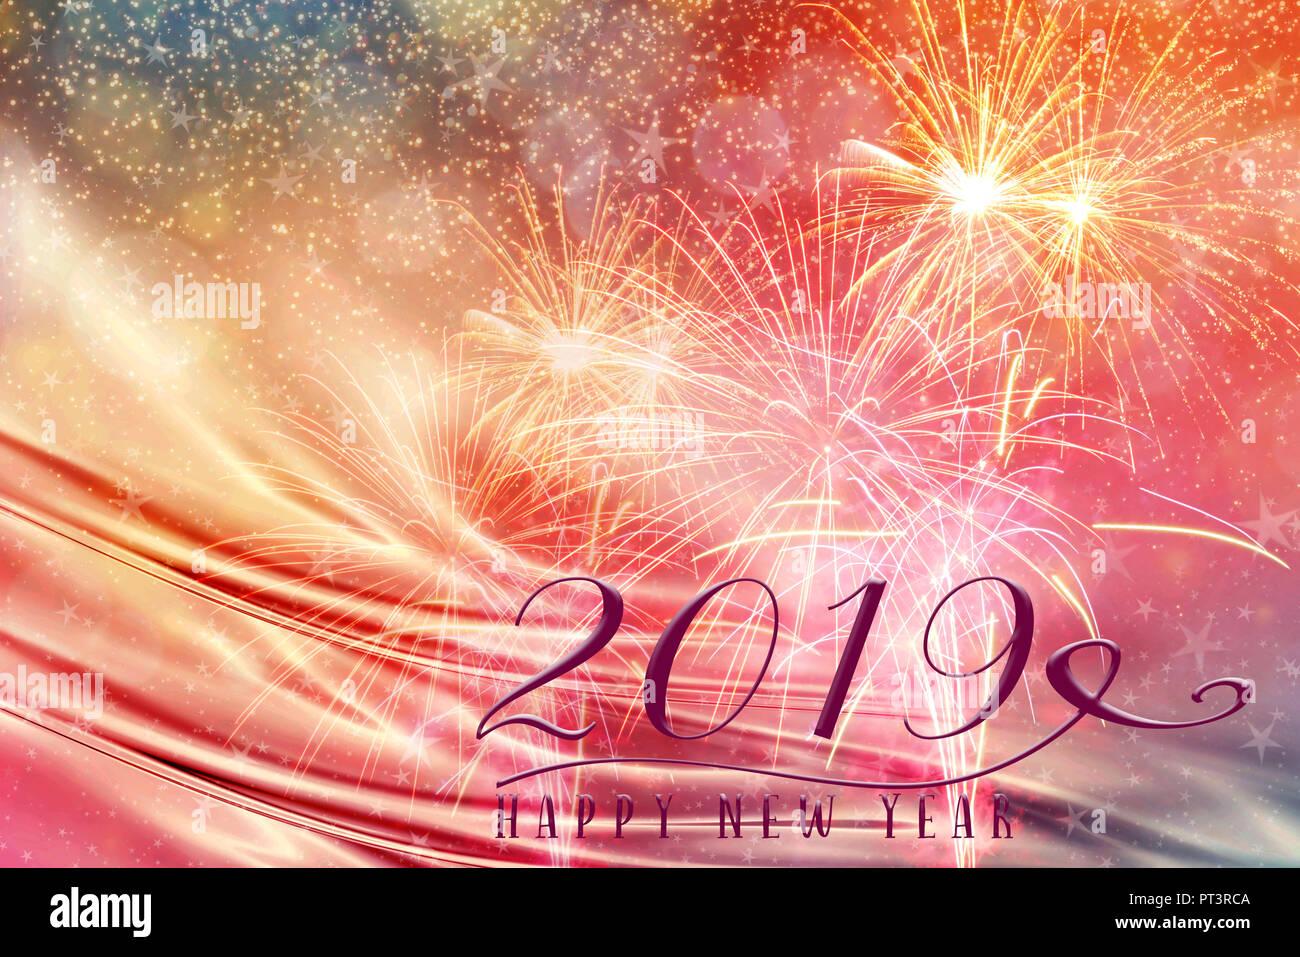 Fiesta De Ano Nuevo 2019 Con Fuegos Artificiales De Fondo Y